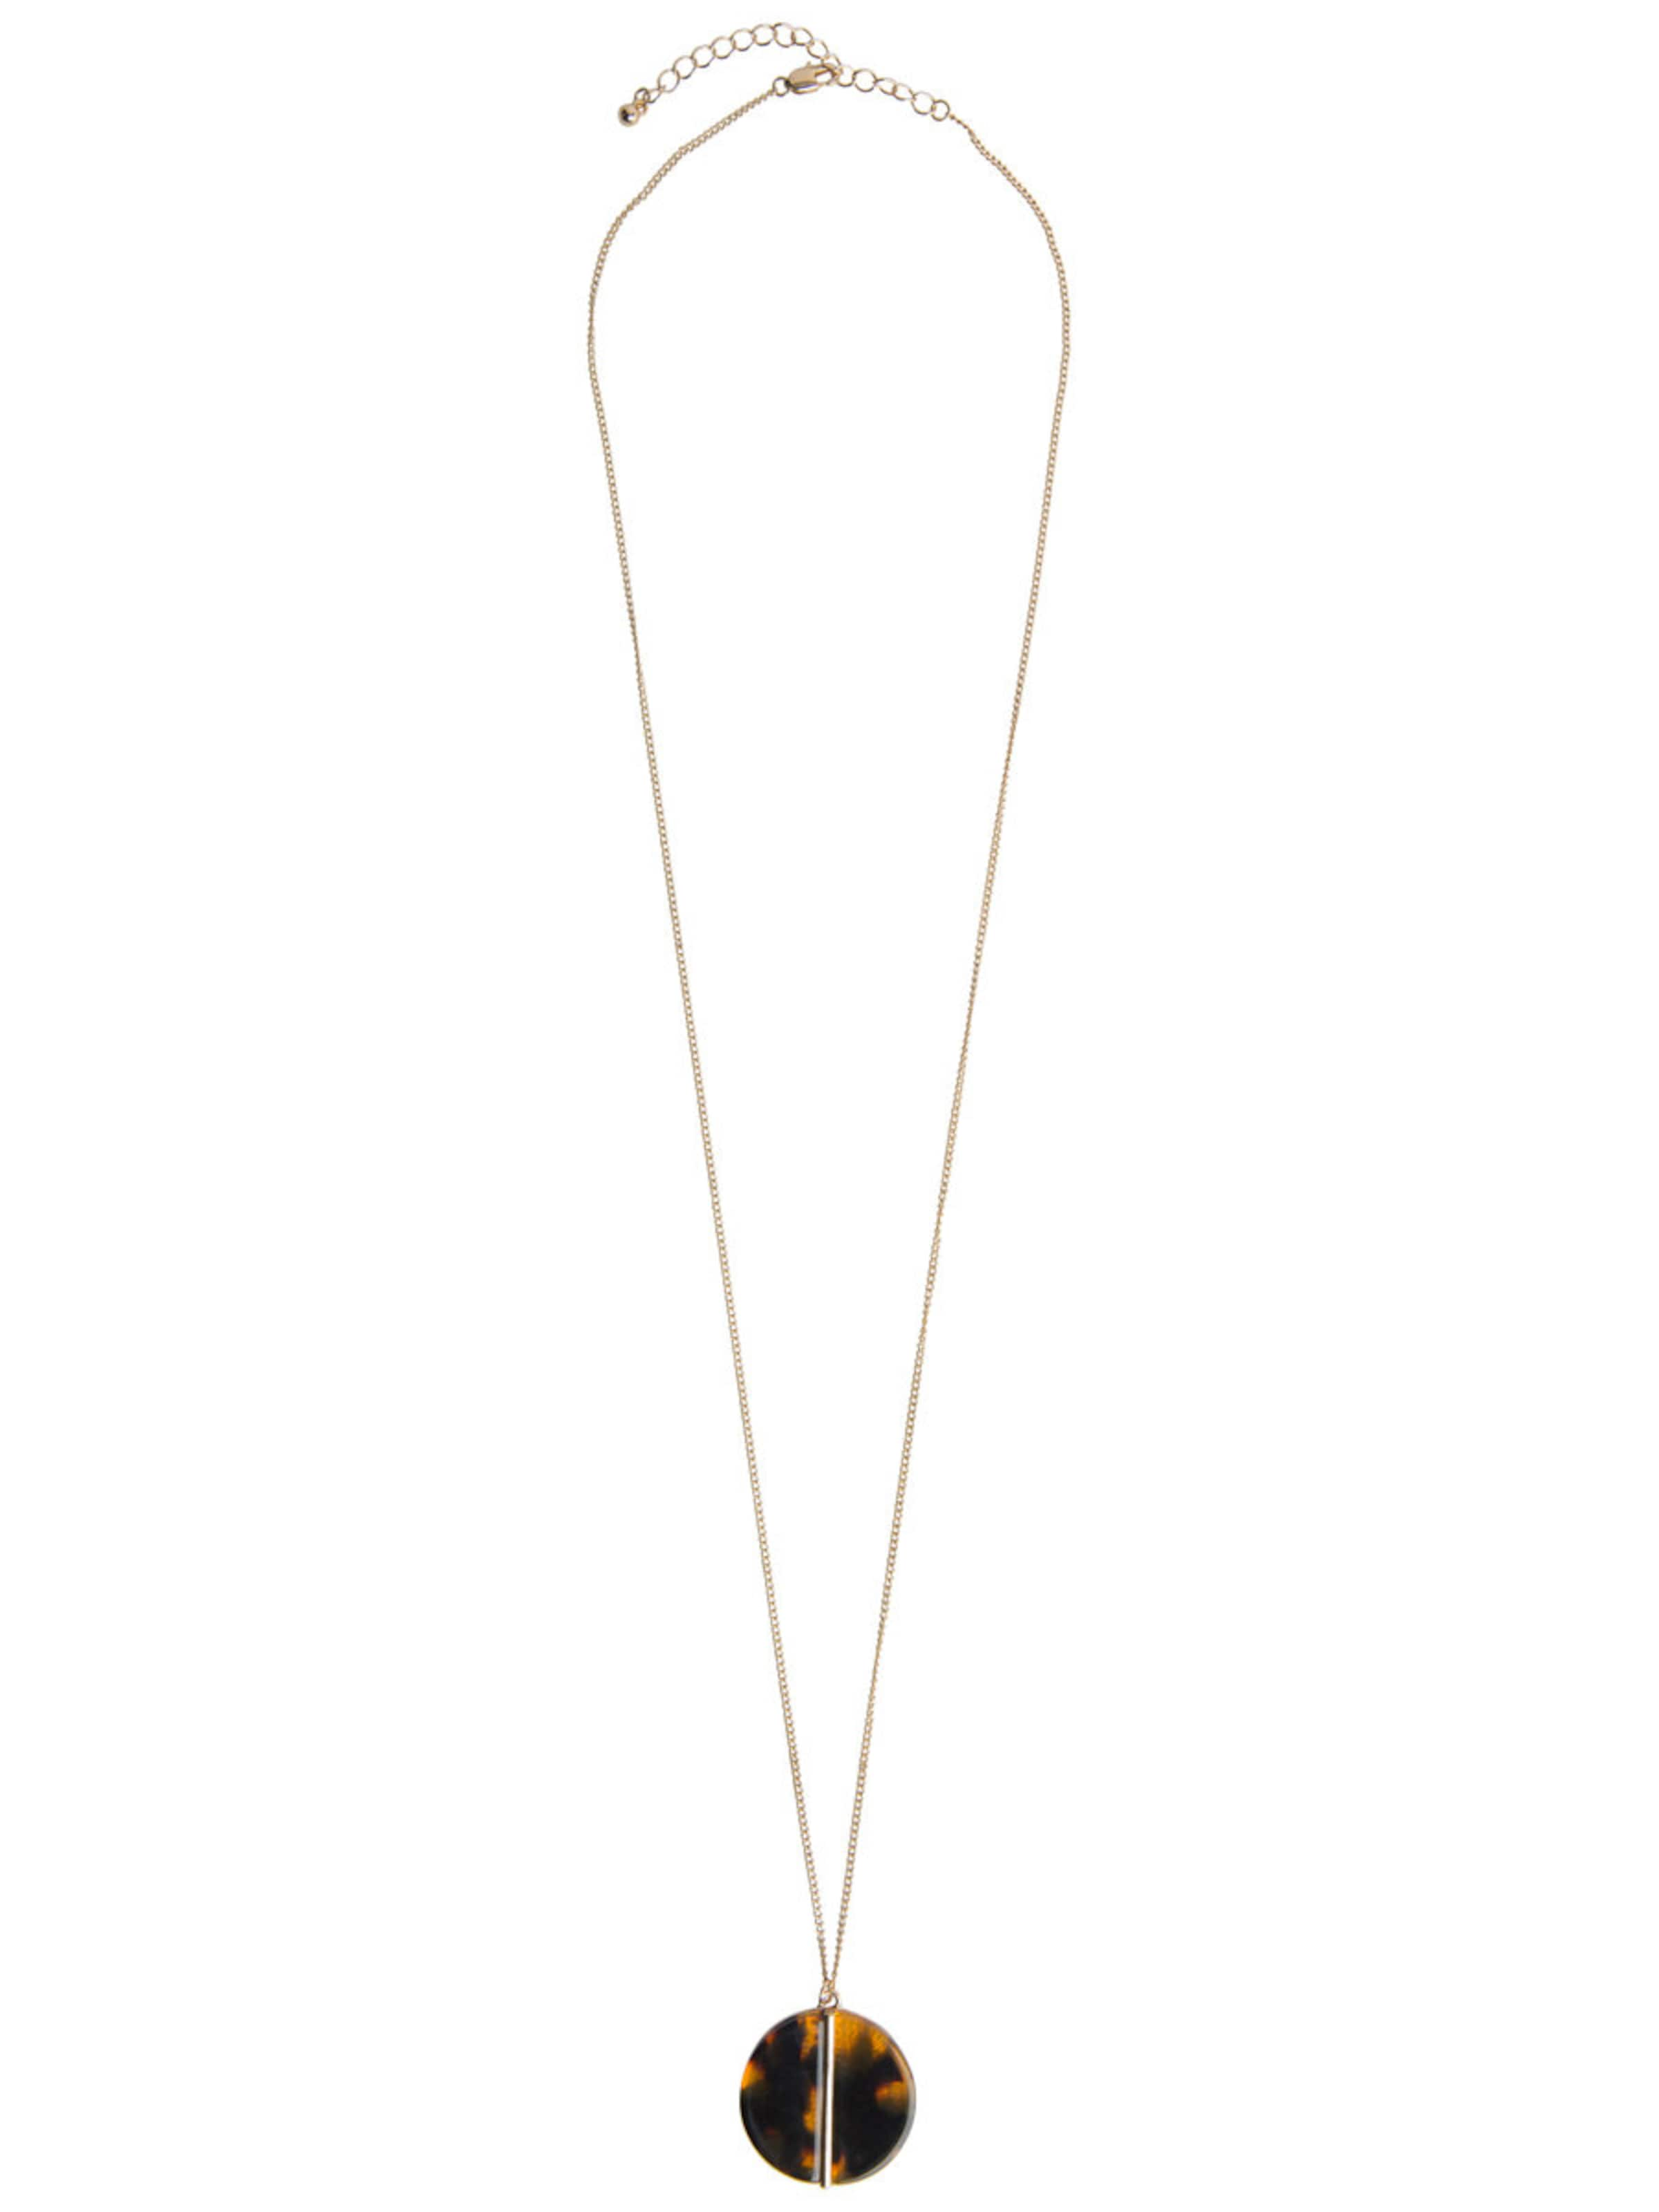 Freies Verschiffen Vorbestellung PIECES Halskette Bestpreis Spielraum Store Günstig Kaufen Preis Versand Outlet-Store Online v4S2cctqtB